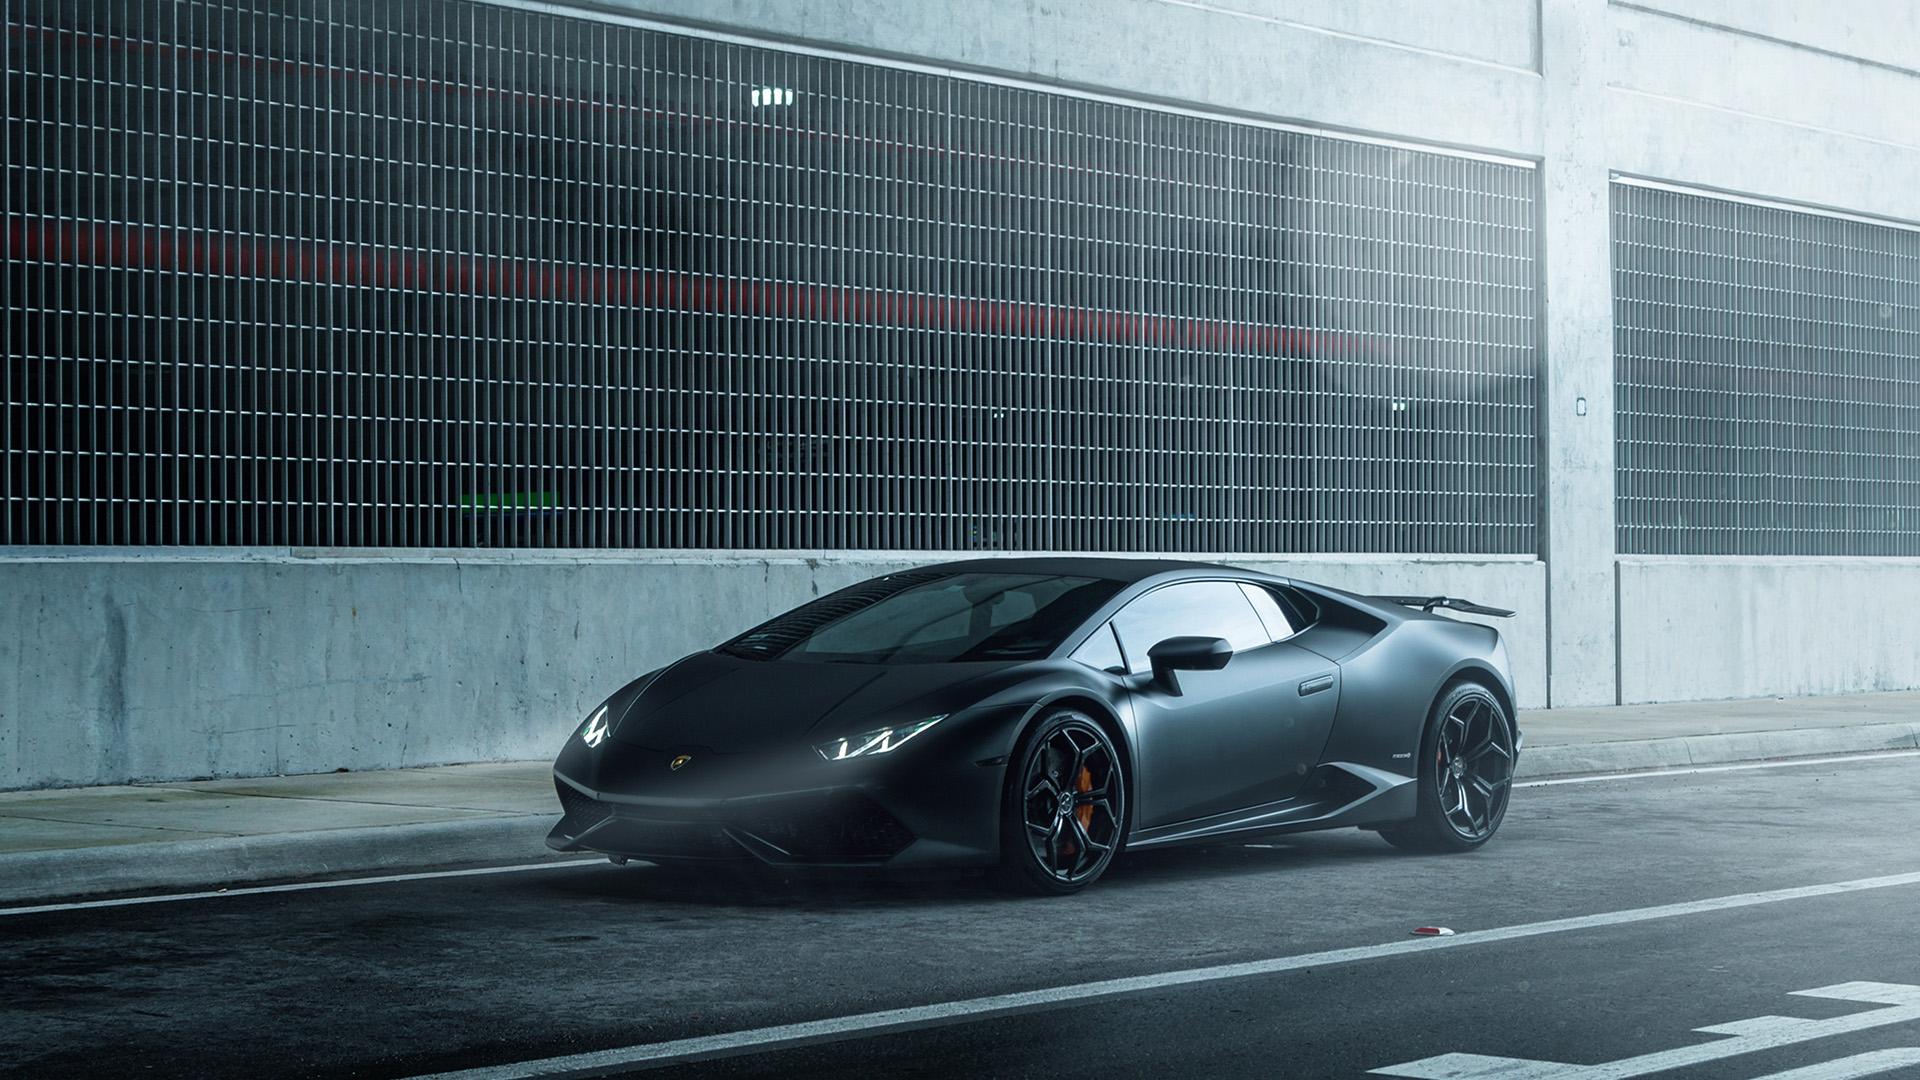 Fall Desktop Wallpaper For Mac Aq49 Lamborghini Huracan Vellano Matte Black Car Wallpaper